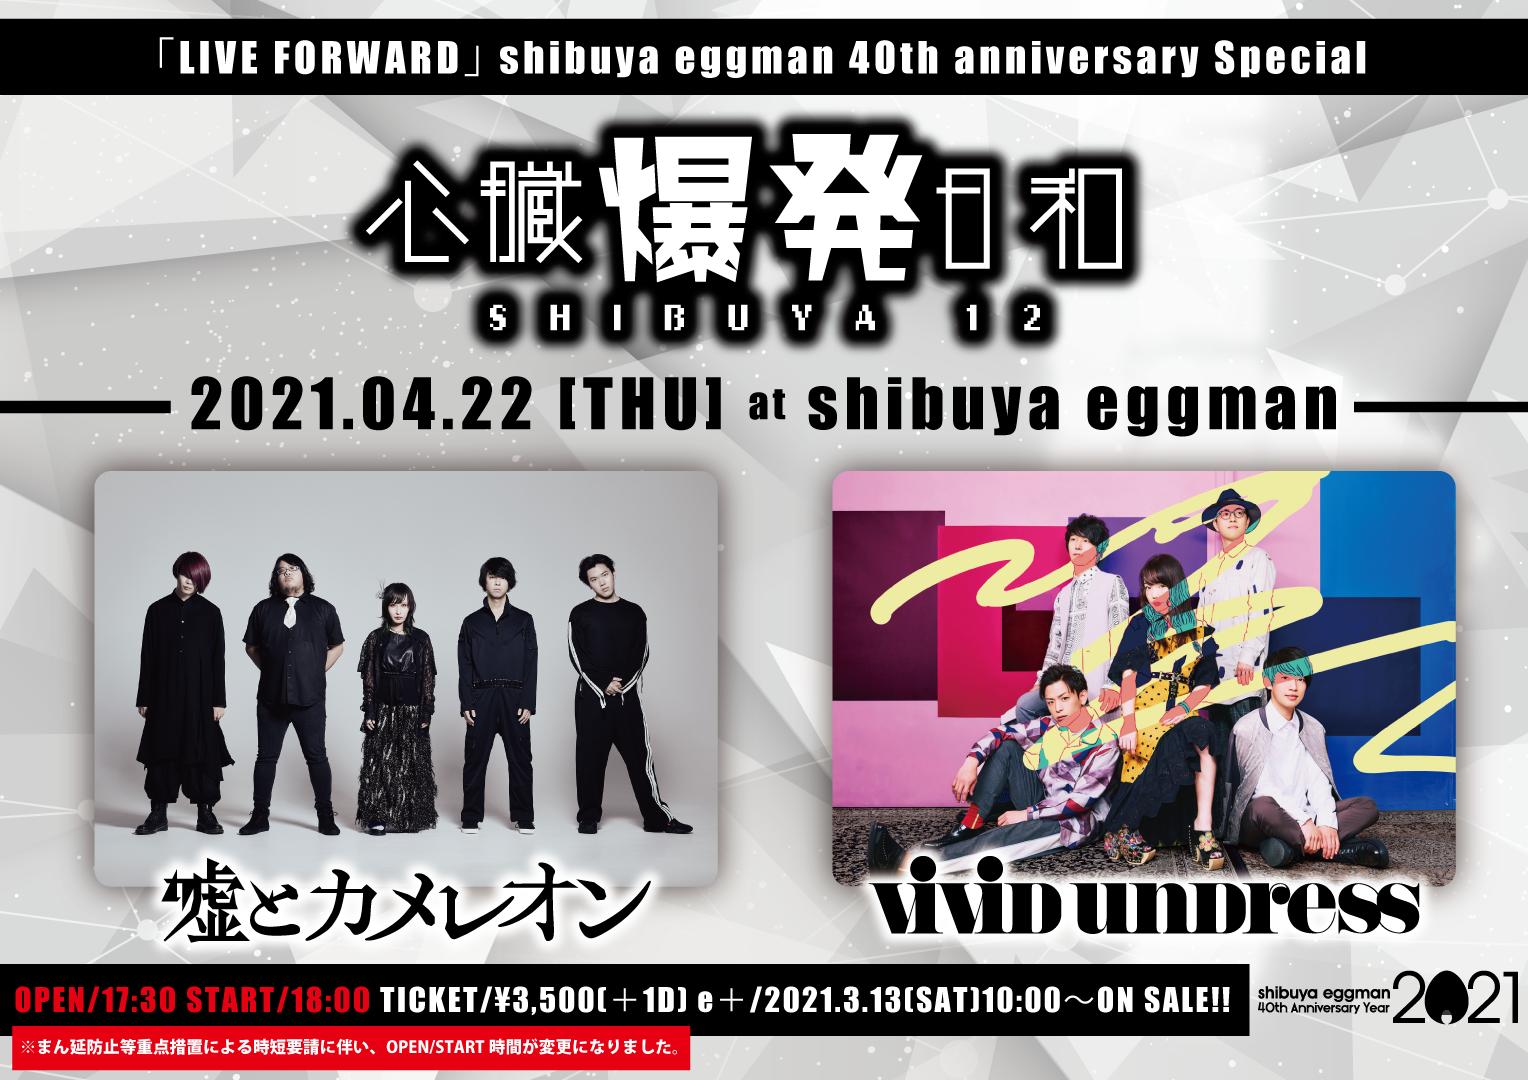 心臓爆発日和 -SHIBUYA12-  〜「LIVE FORWARD」 shibuya eggman 40th anniversary Special〜